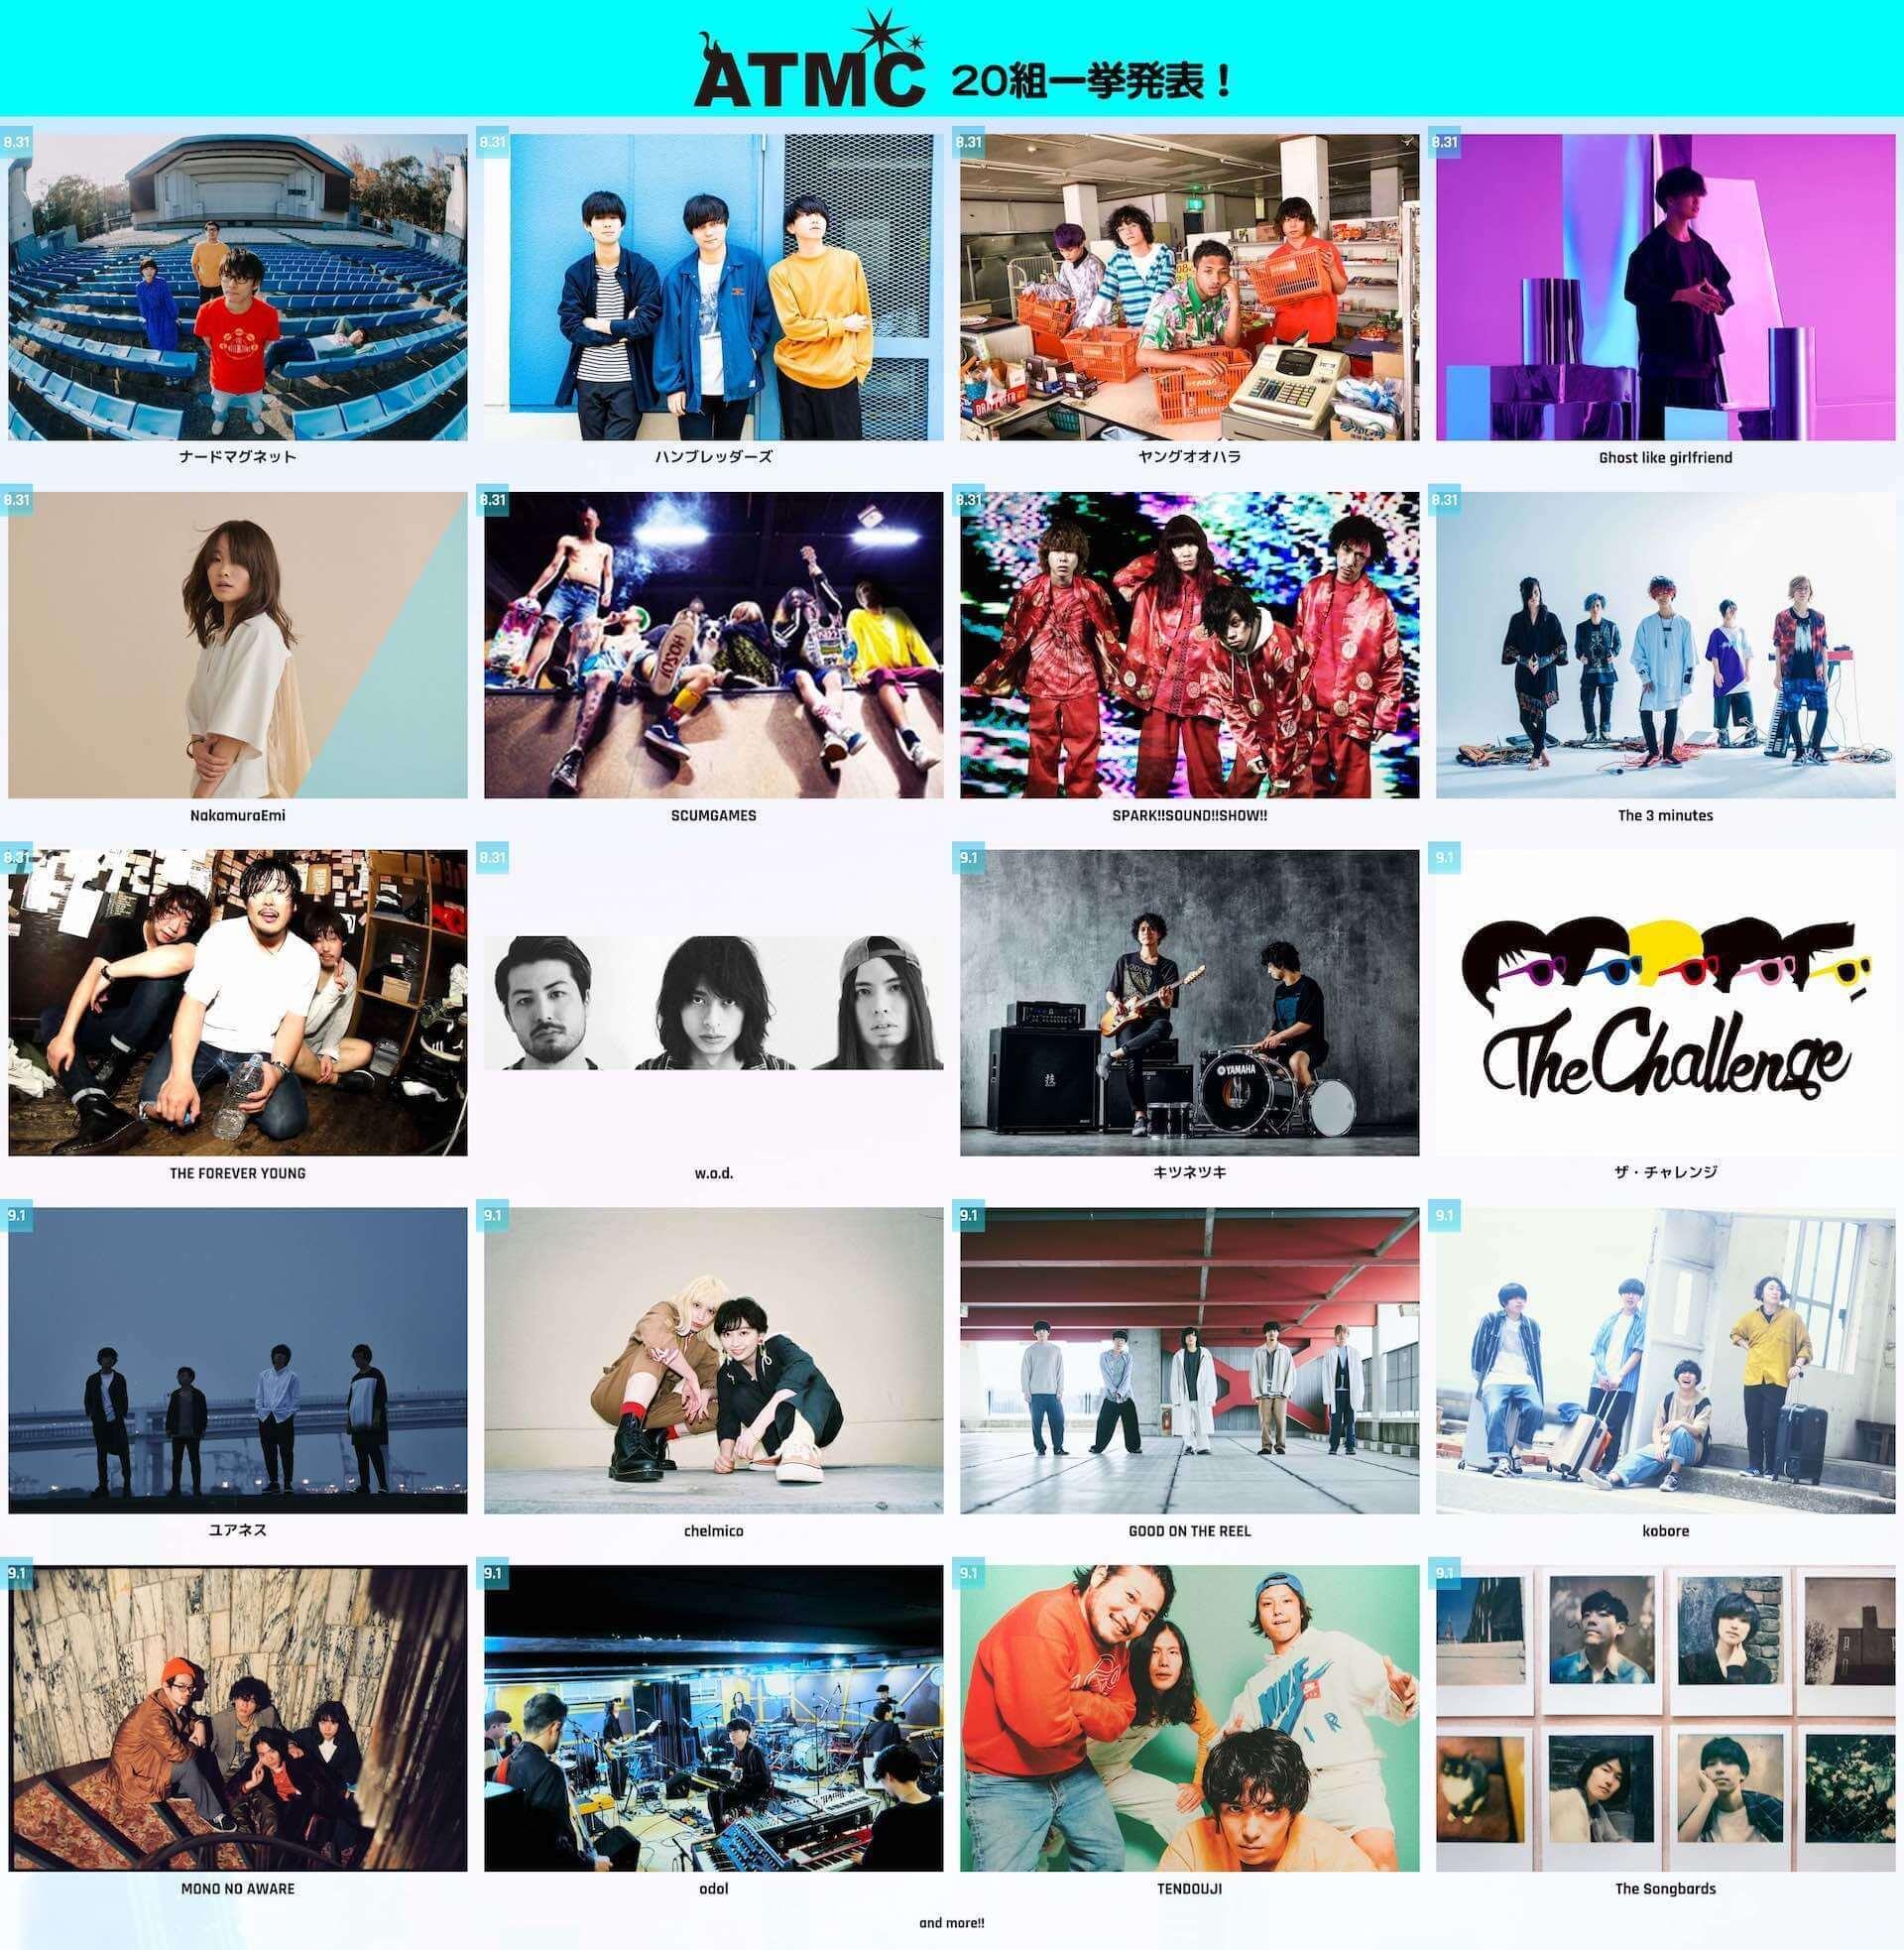 chelmico、NakamuraEmi、TENDOUJIら20組が決定|<RUSHBALL2019>ATMC出演アーティスト第5弾発表 music190621rushball2019-5th_1-1920x1966